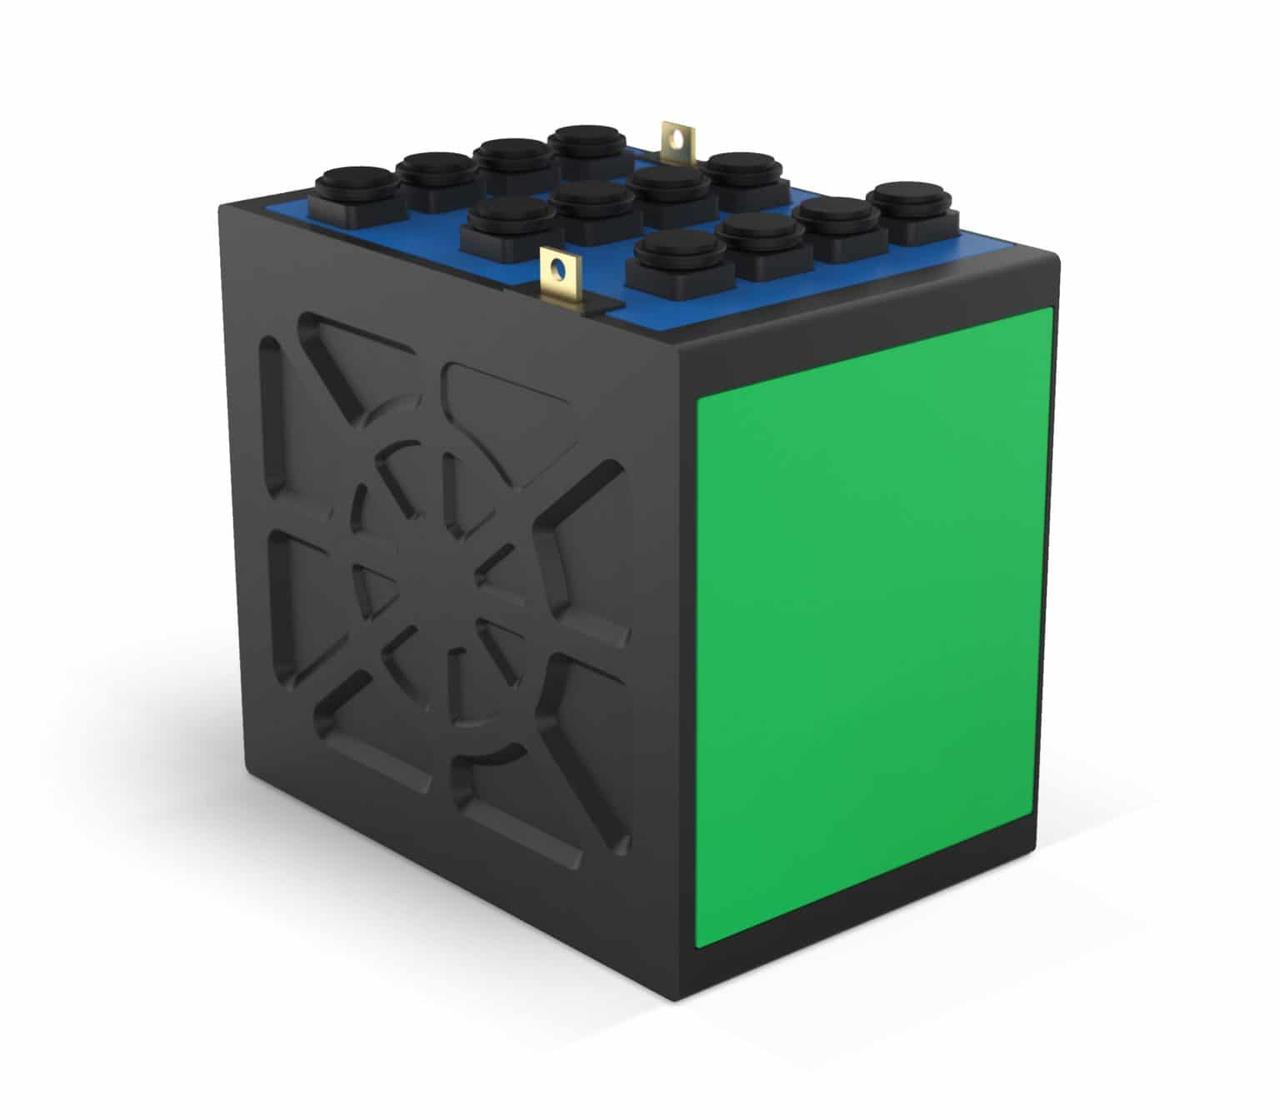 Новая батарея из абсорбирующего стекломата идеальна для электротранспорта и как накопитель энергии в домах